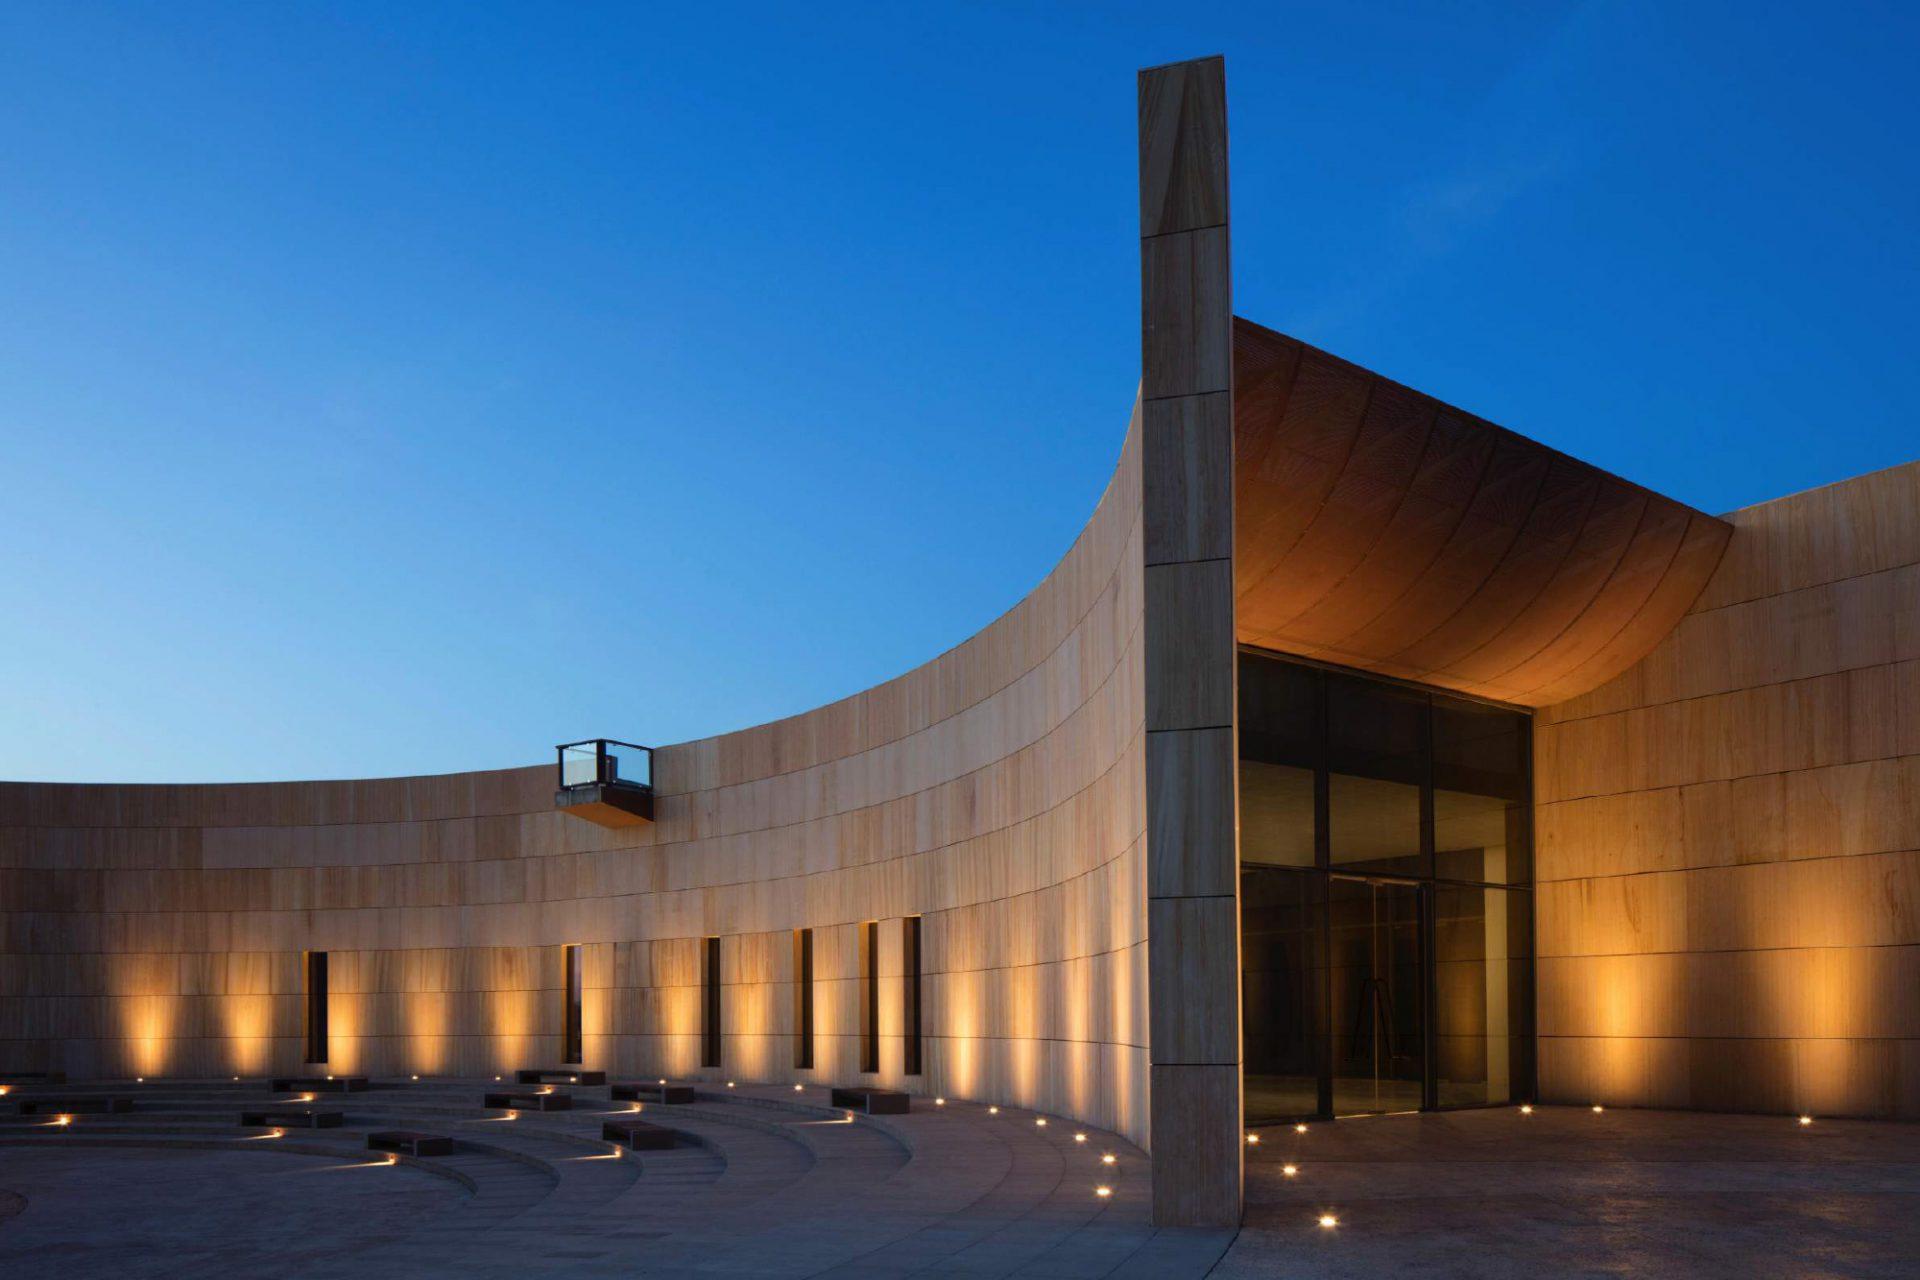 Mleiha Archaeological Centre. Das Archäologische Zentrum zur blauen Stunde.